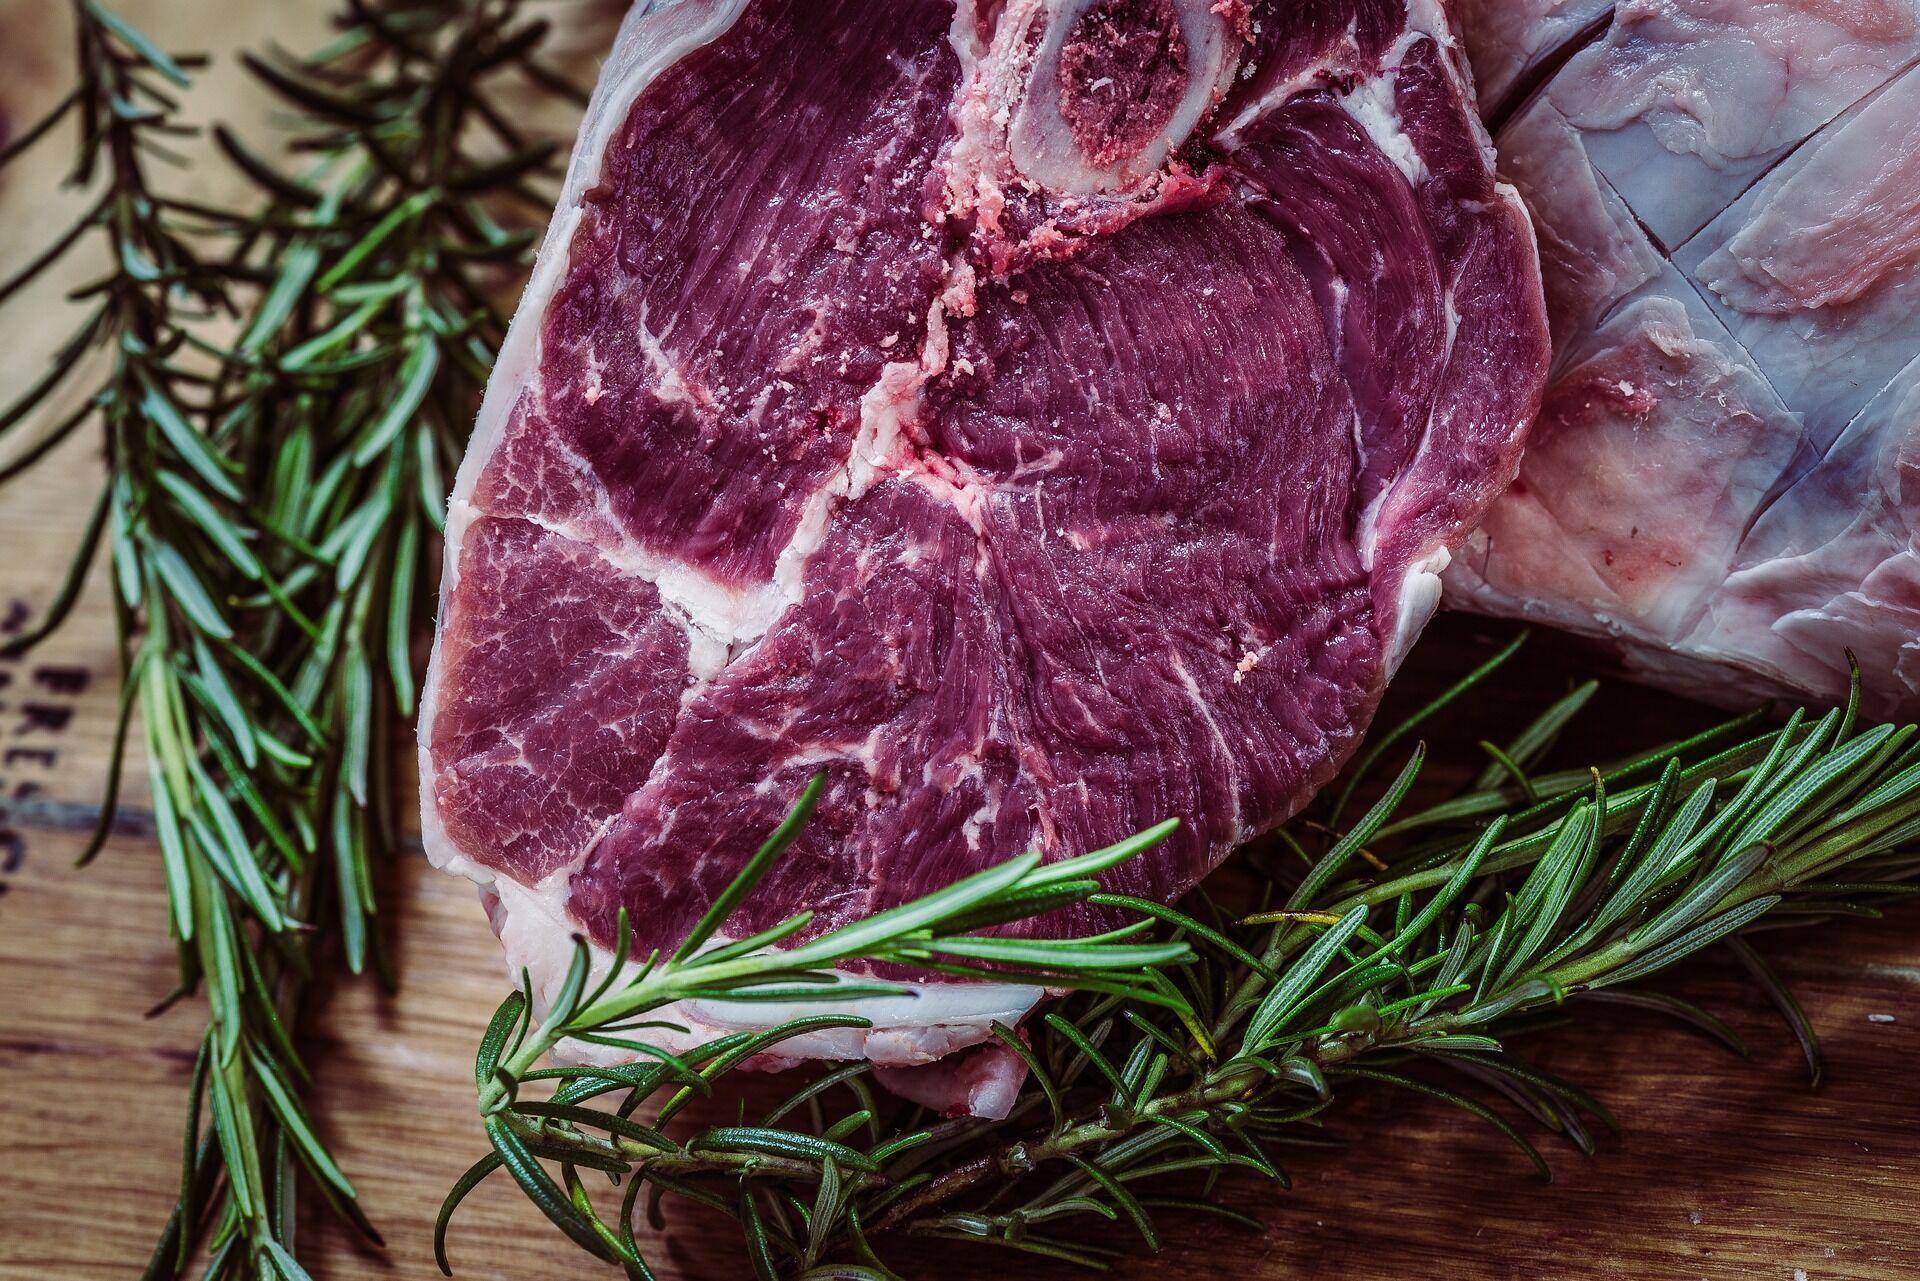 Хороше м'ясо повинно бути пружним